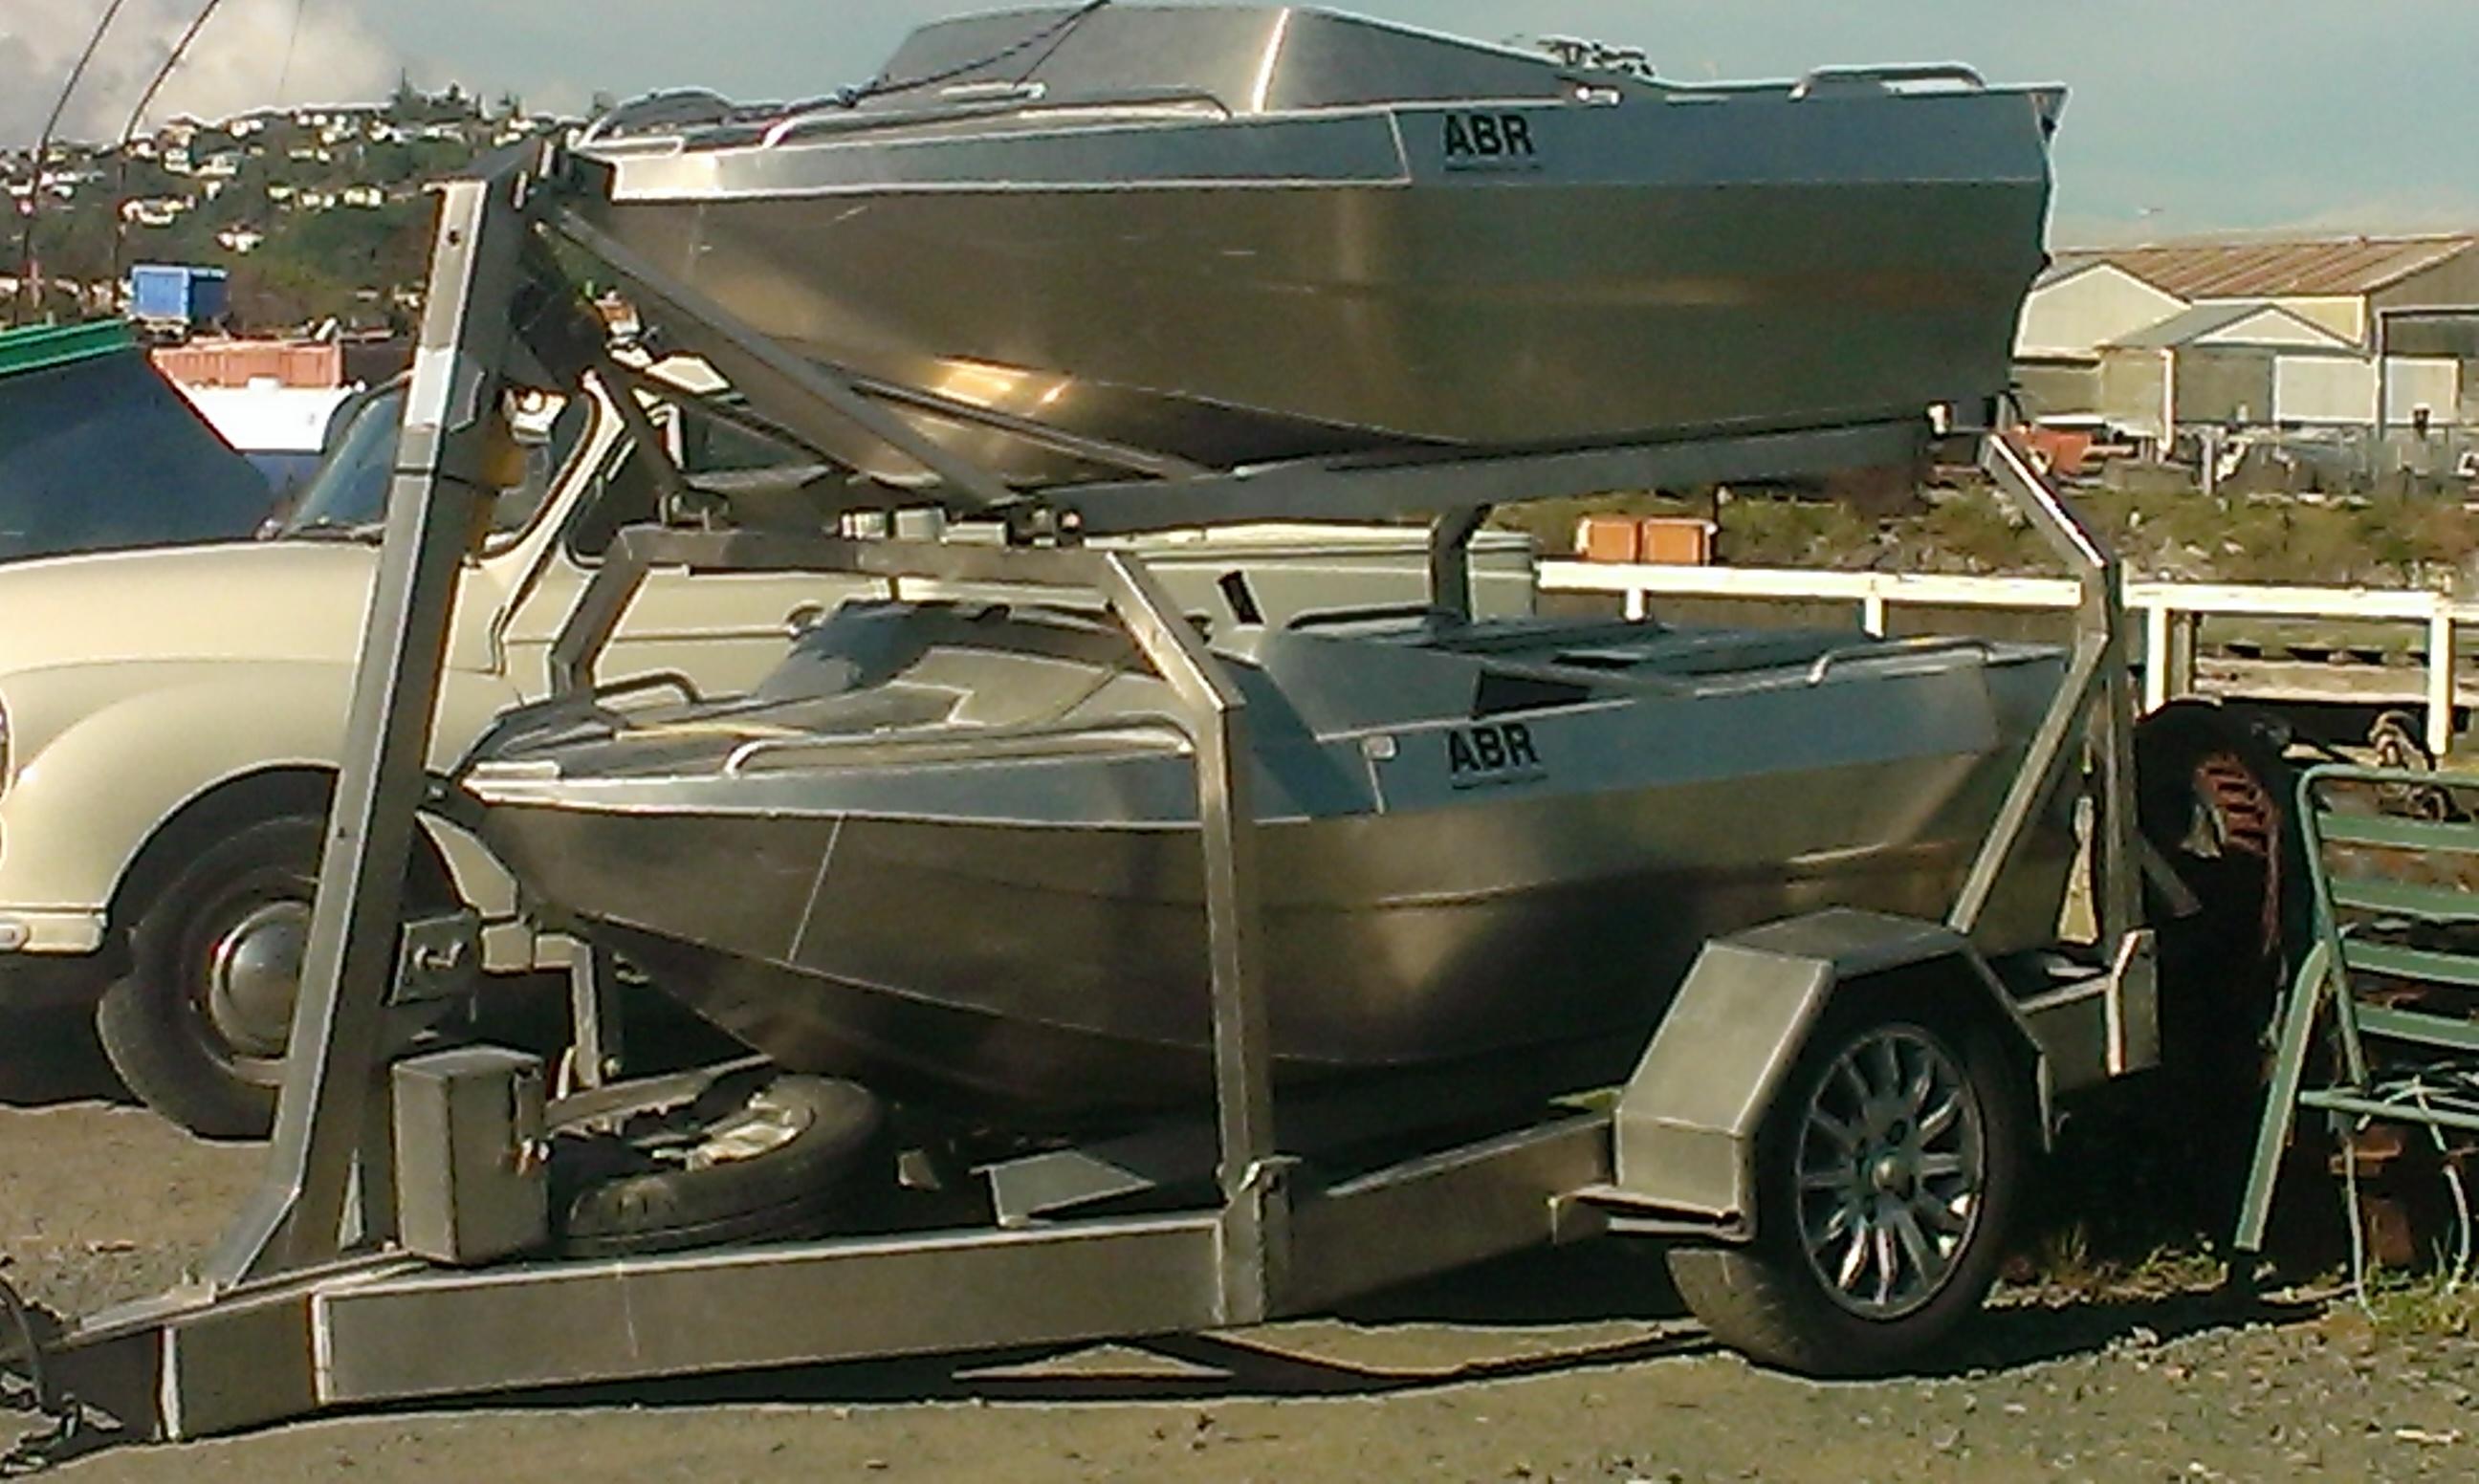 small boats small jet boats new zealand rh smallboatsdeshiyuka blogspot com